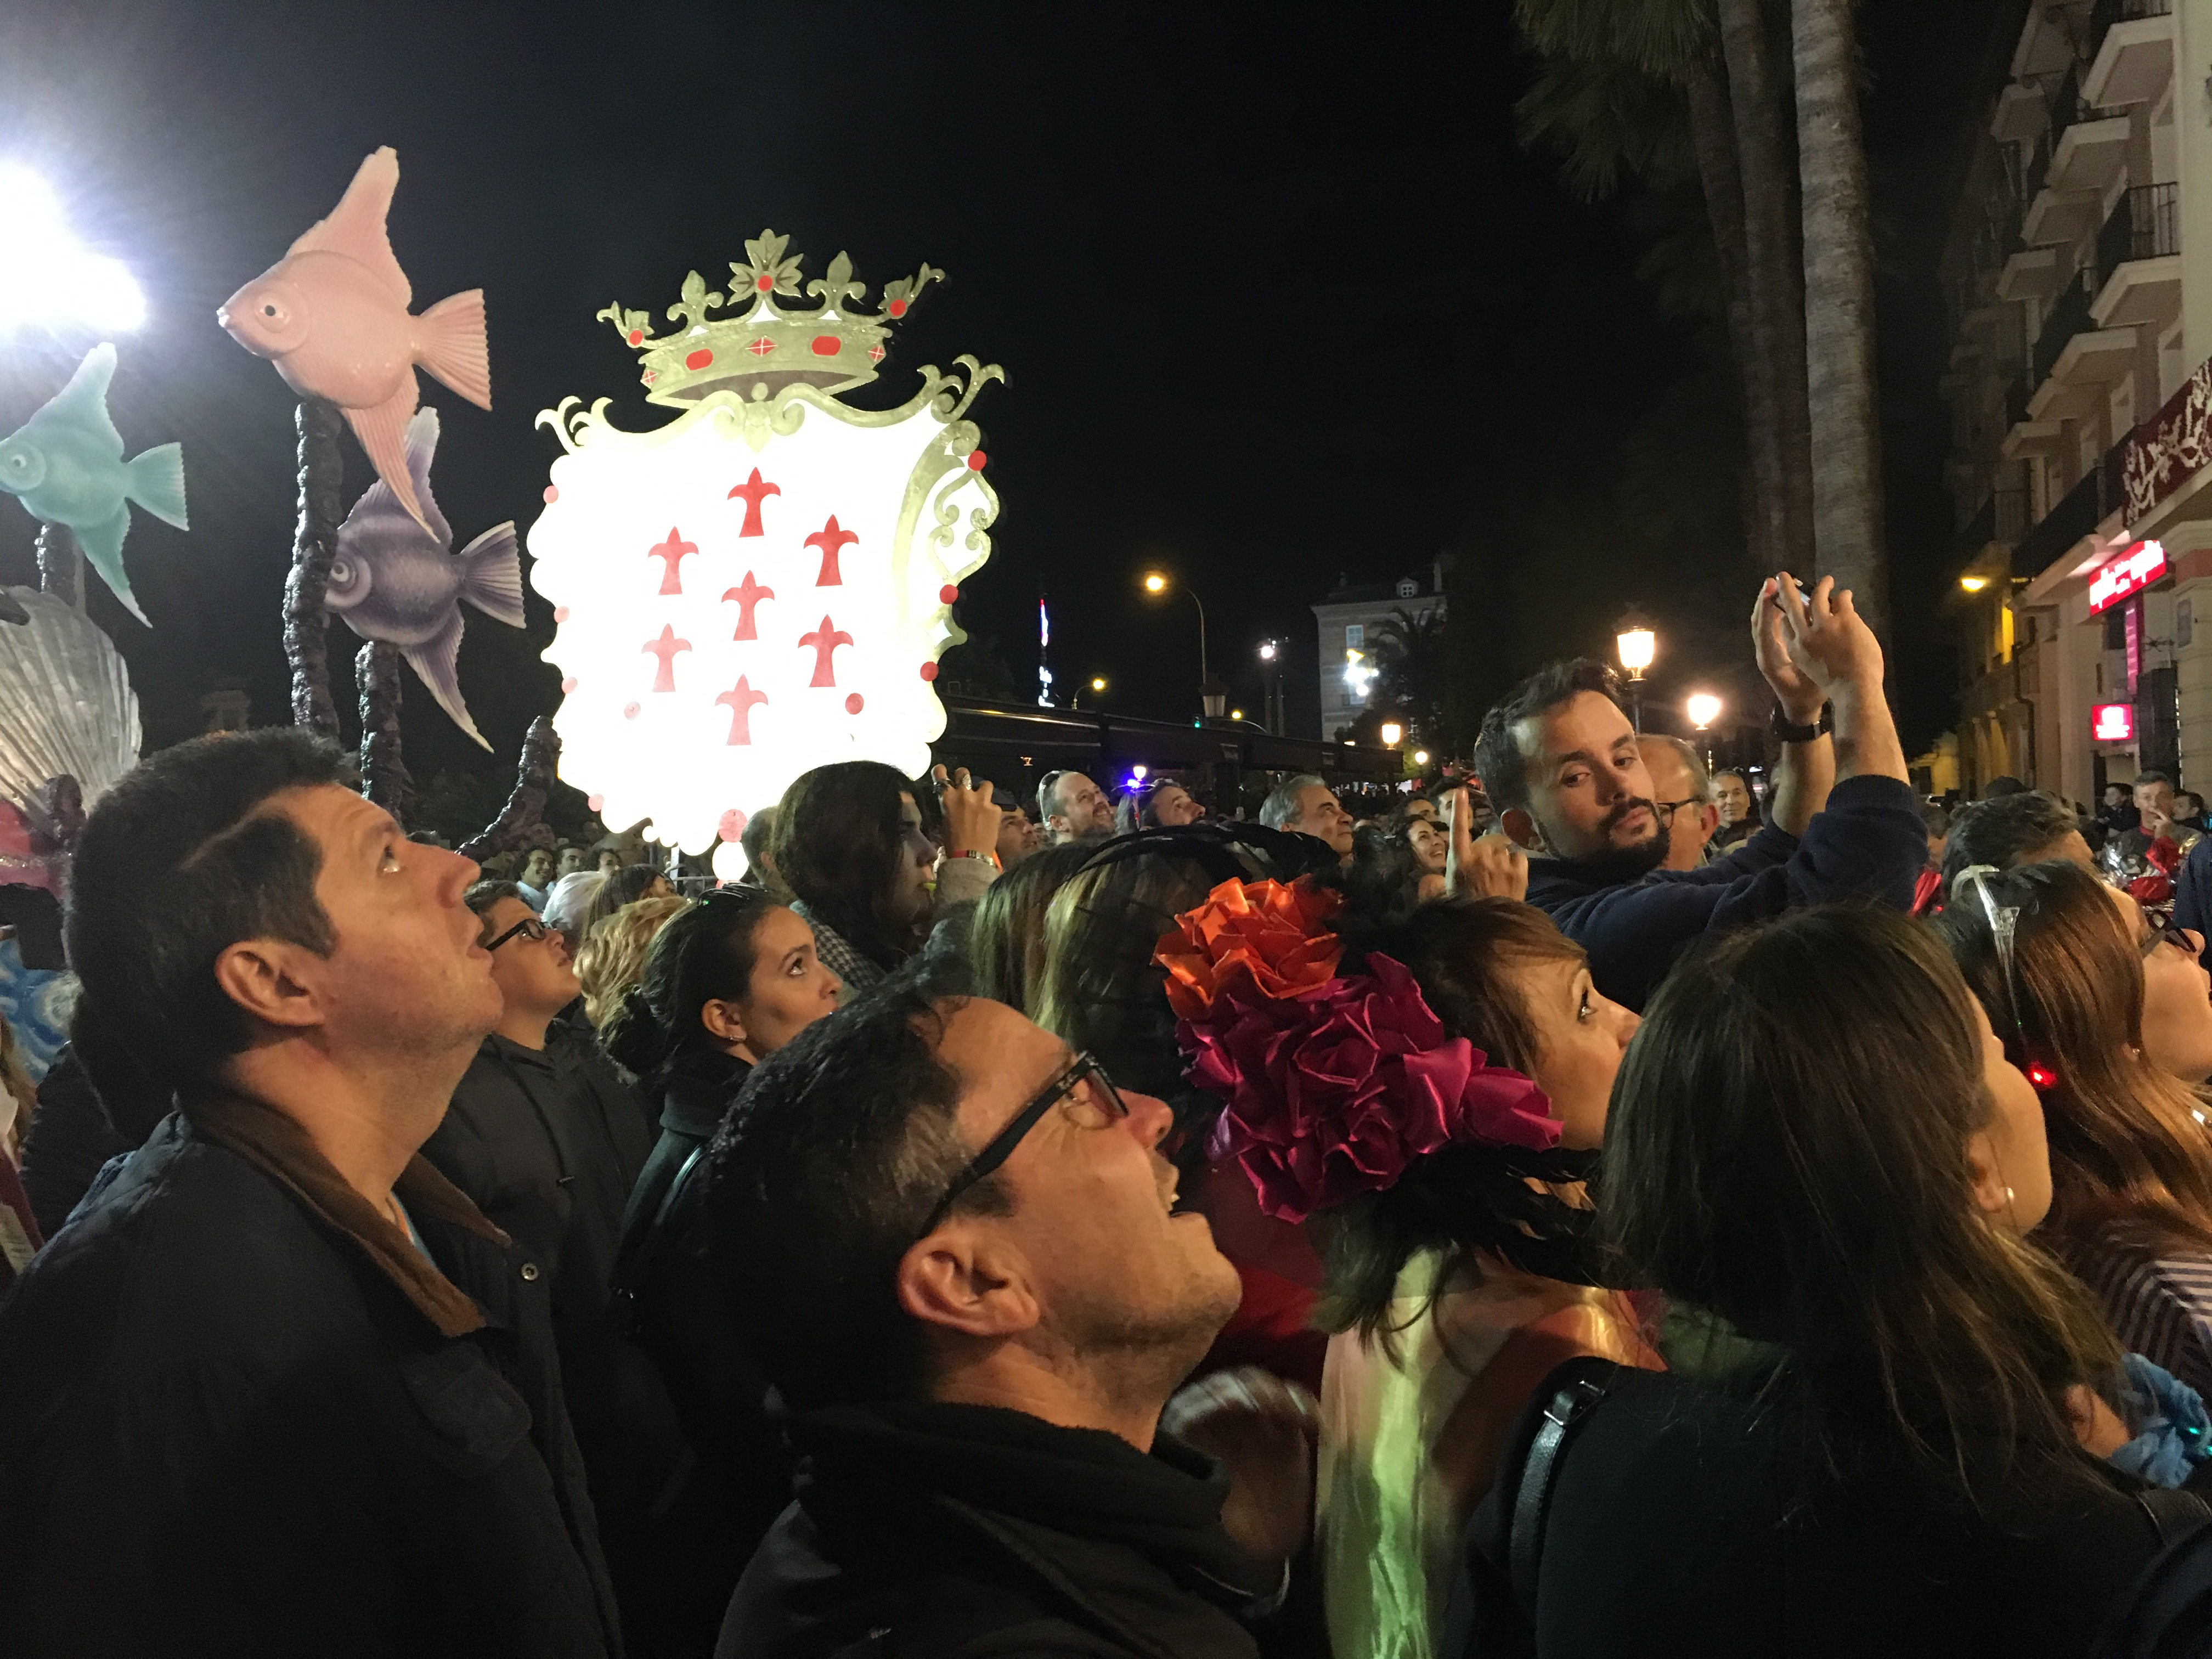 Das etwas andere Fest, mit der Sardine in Murcia (Spanien), Mario Schumacher Blog